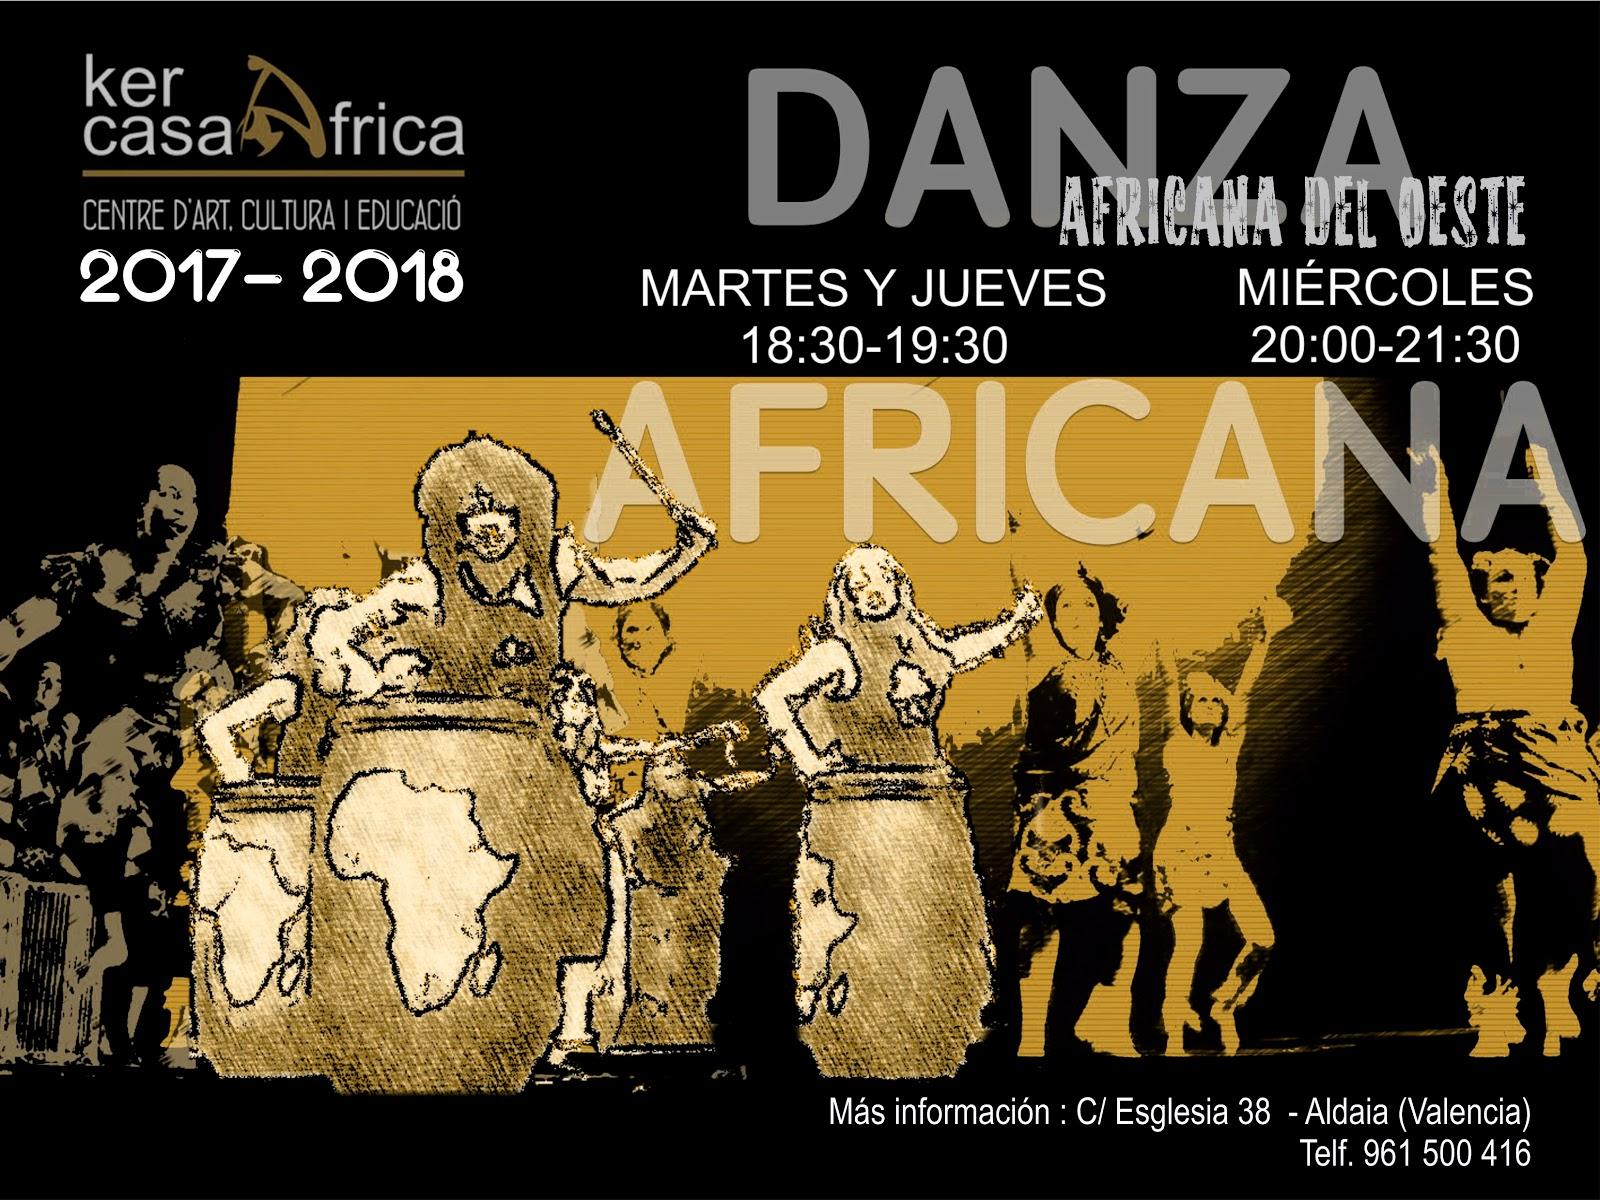 Abrimos inscripciones para el #curso20172018 . Ya puedes pasar por nuestro centro o enviar un mensaje con tu nombre y modalidad a faty@kerafrica.com. Te esperamos! #percusionafricana #percusión #danzaafricana #hiphop #danzaurbana #danzamoderna #danza #cantosafricanos #espectaculos #pasacalles #quehariayosinelbaile #quehariayosinlamusica